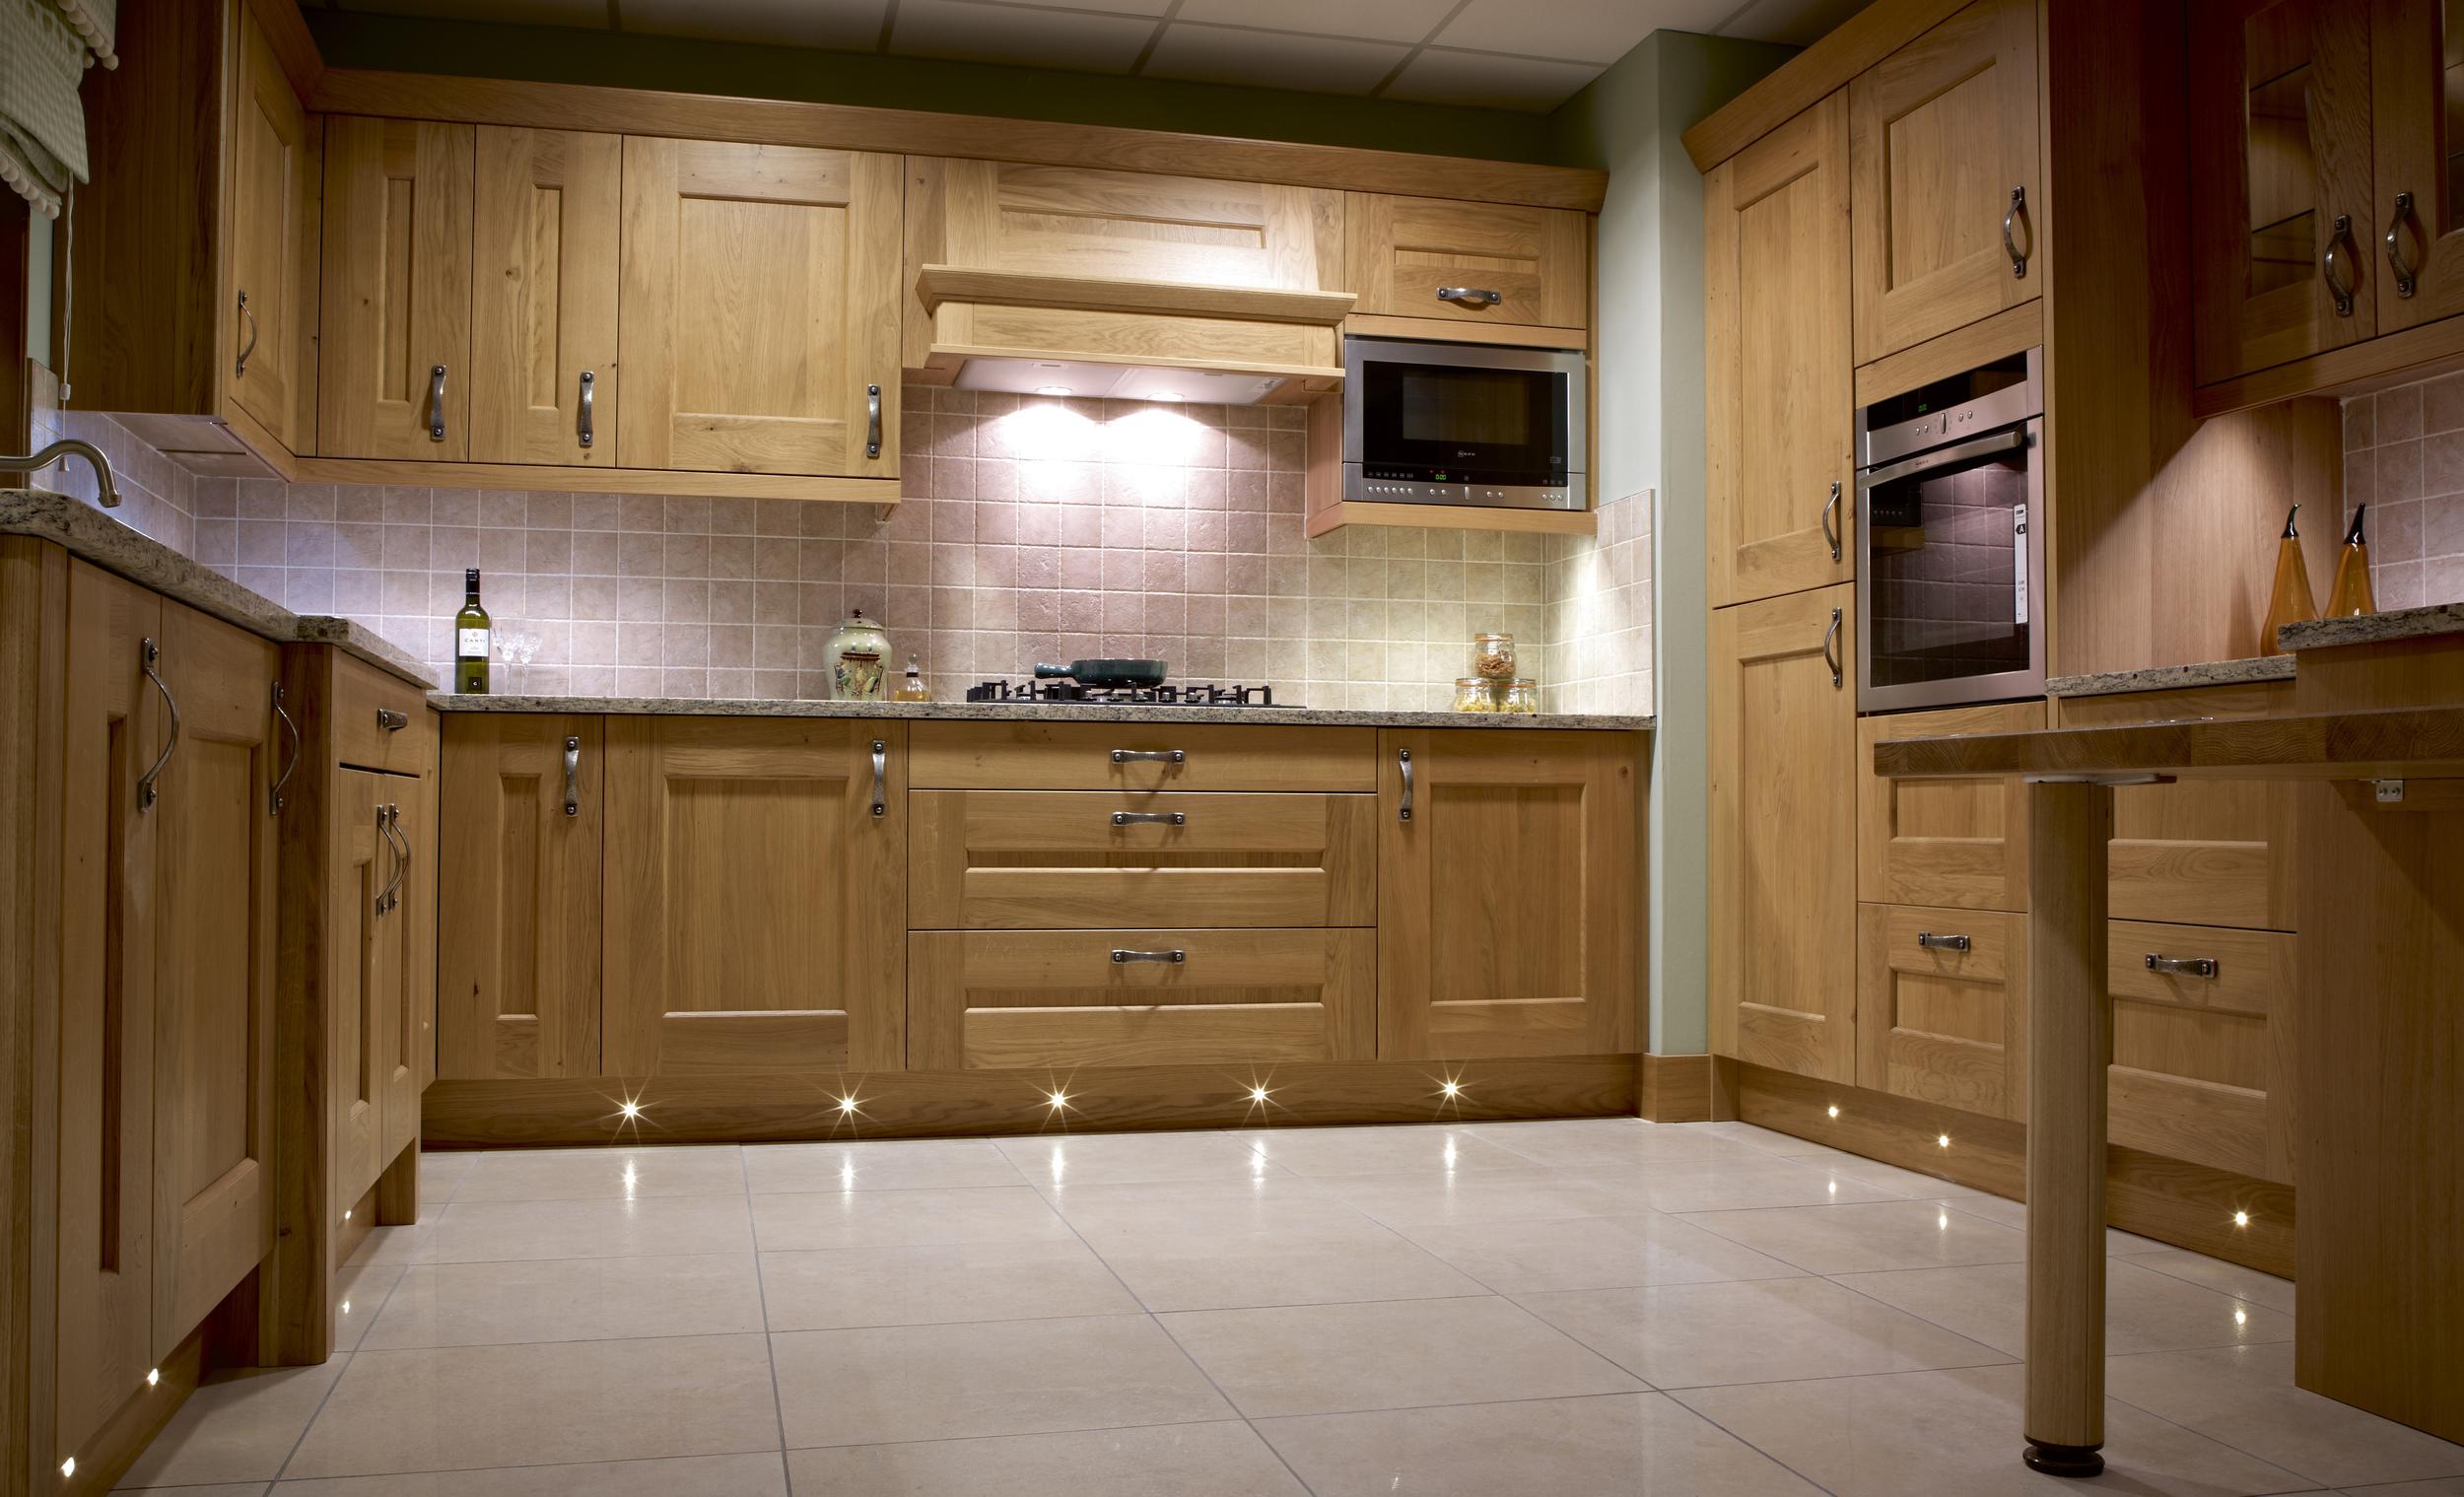 SE10130WW Full kitchen shot.jpg